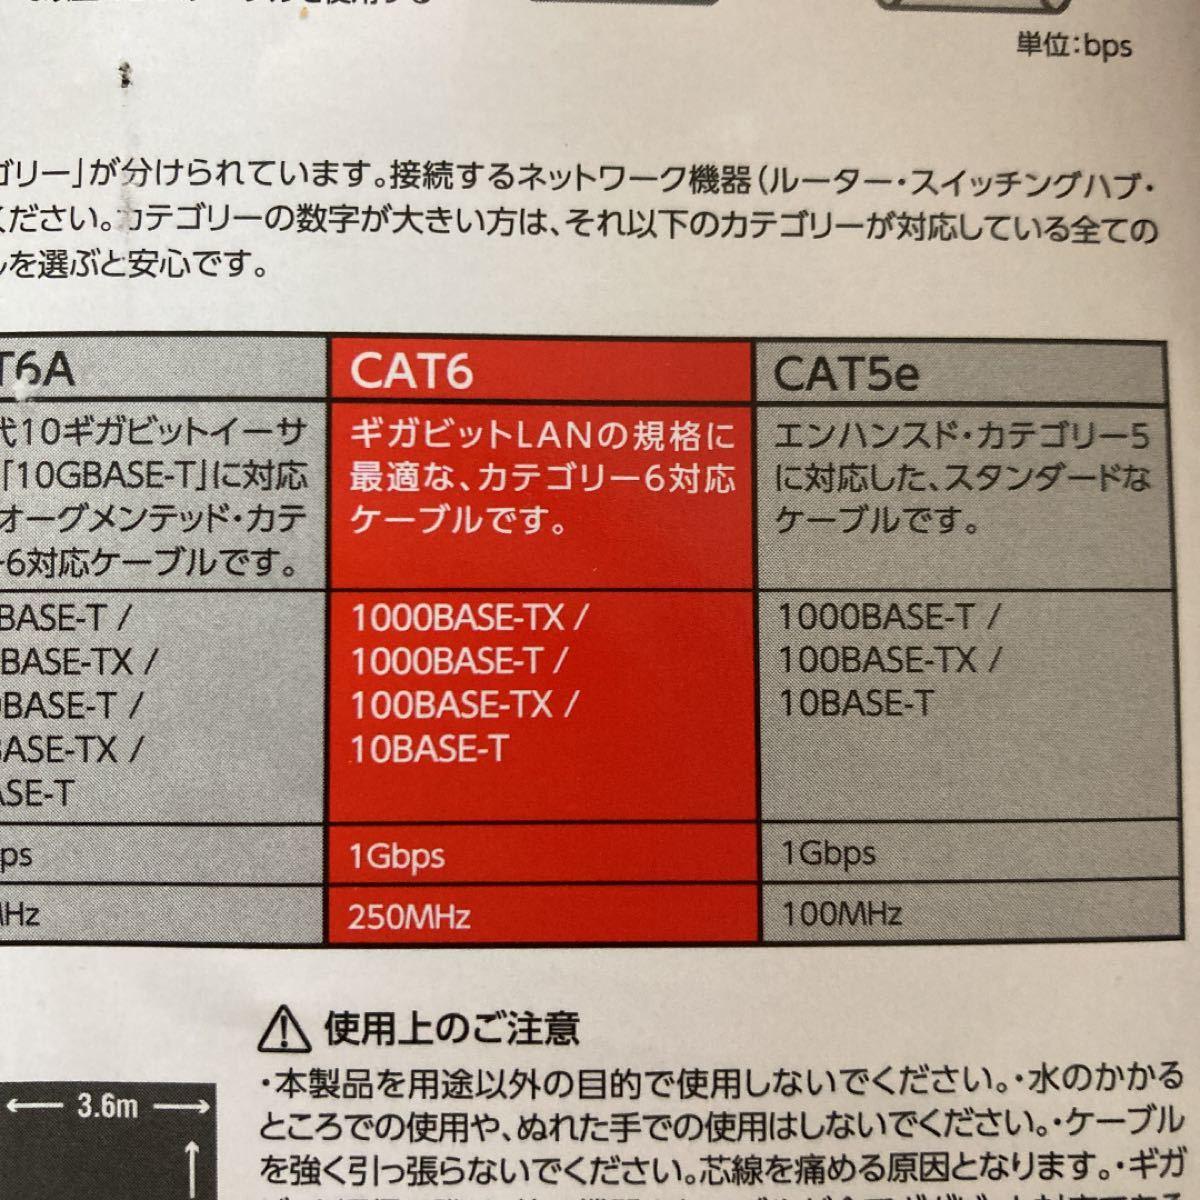 エレコム ツメ折れ防止フラットLANケーブル (Cat6準拠) LD-GFT/BK100